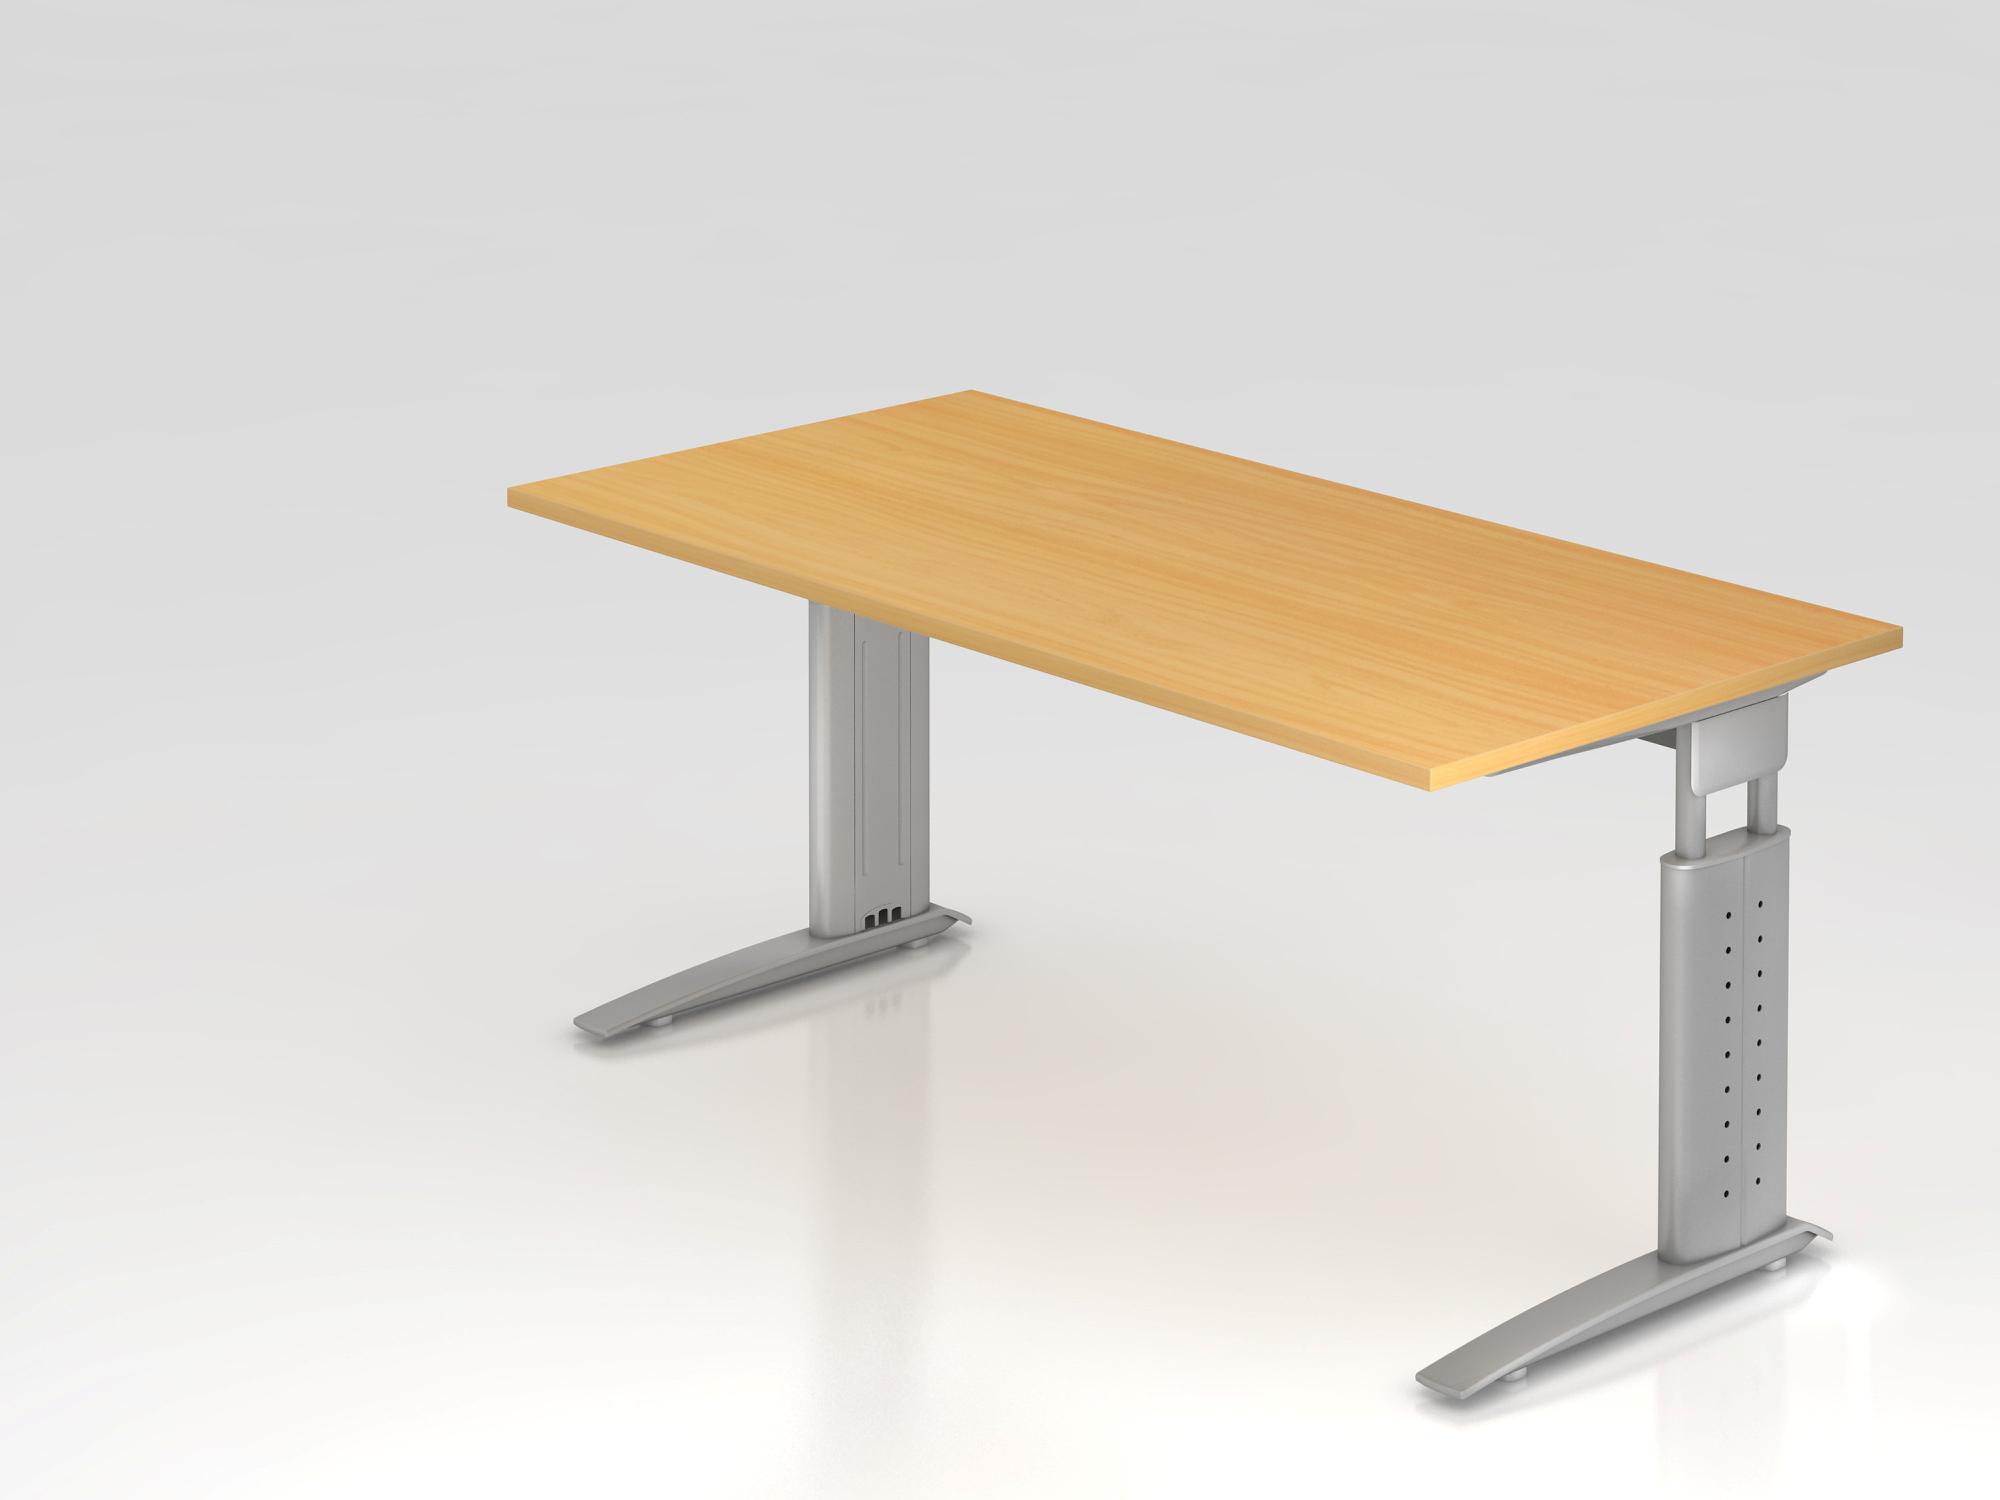 Schreibtisch C-Fuß 160x80cm Eiche/Silber